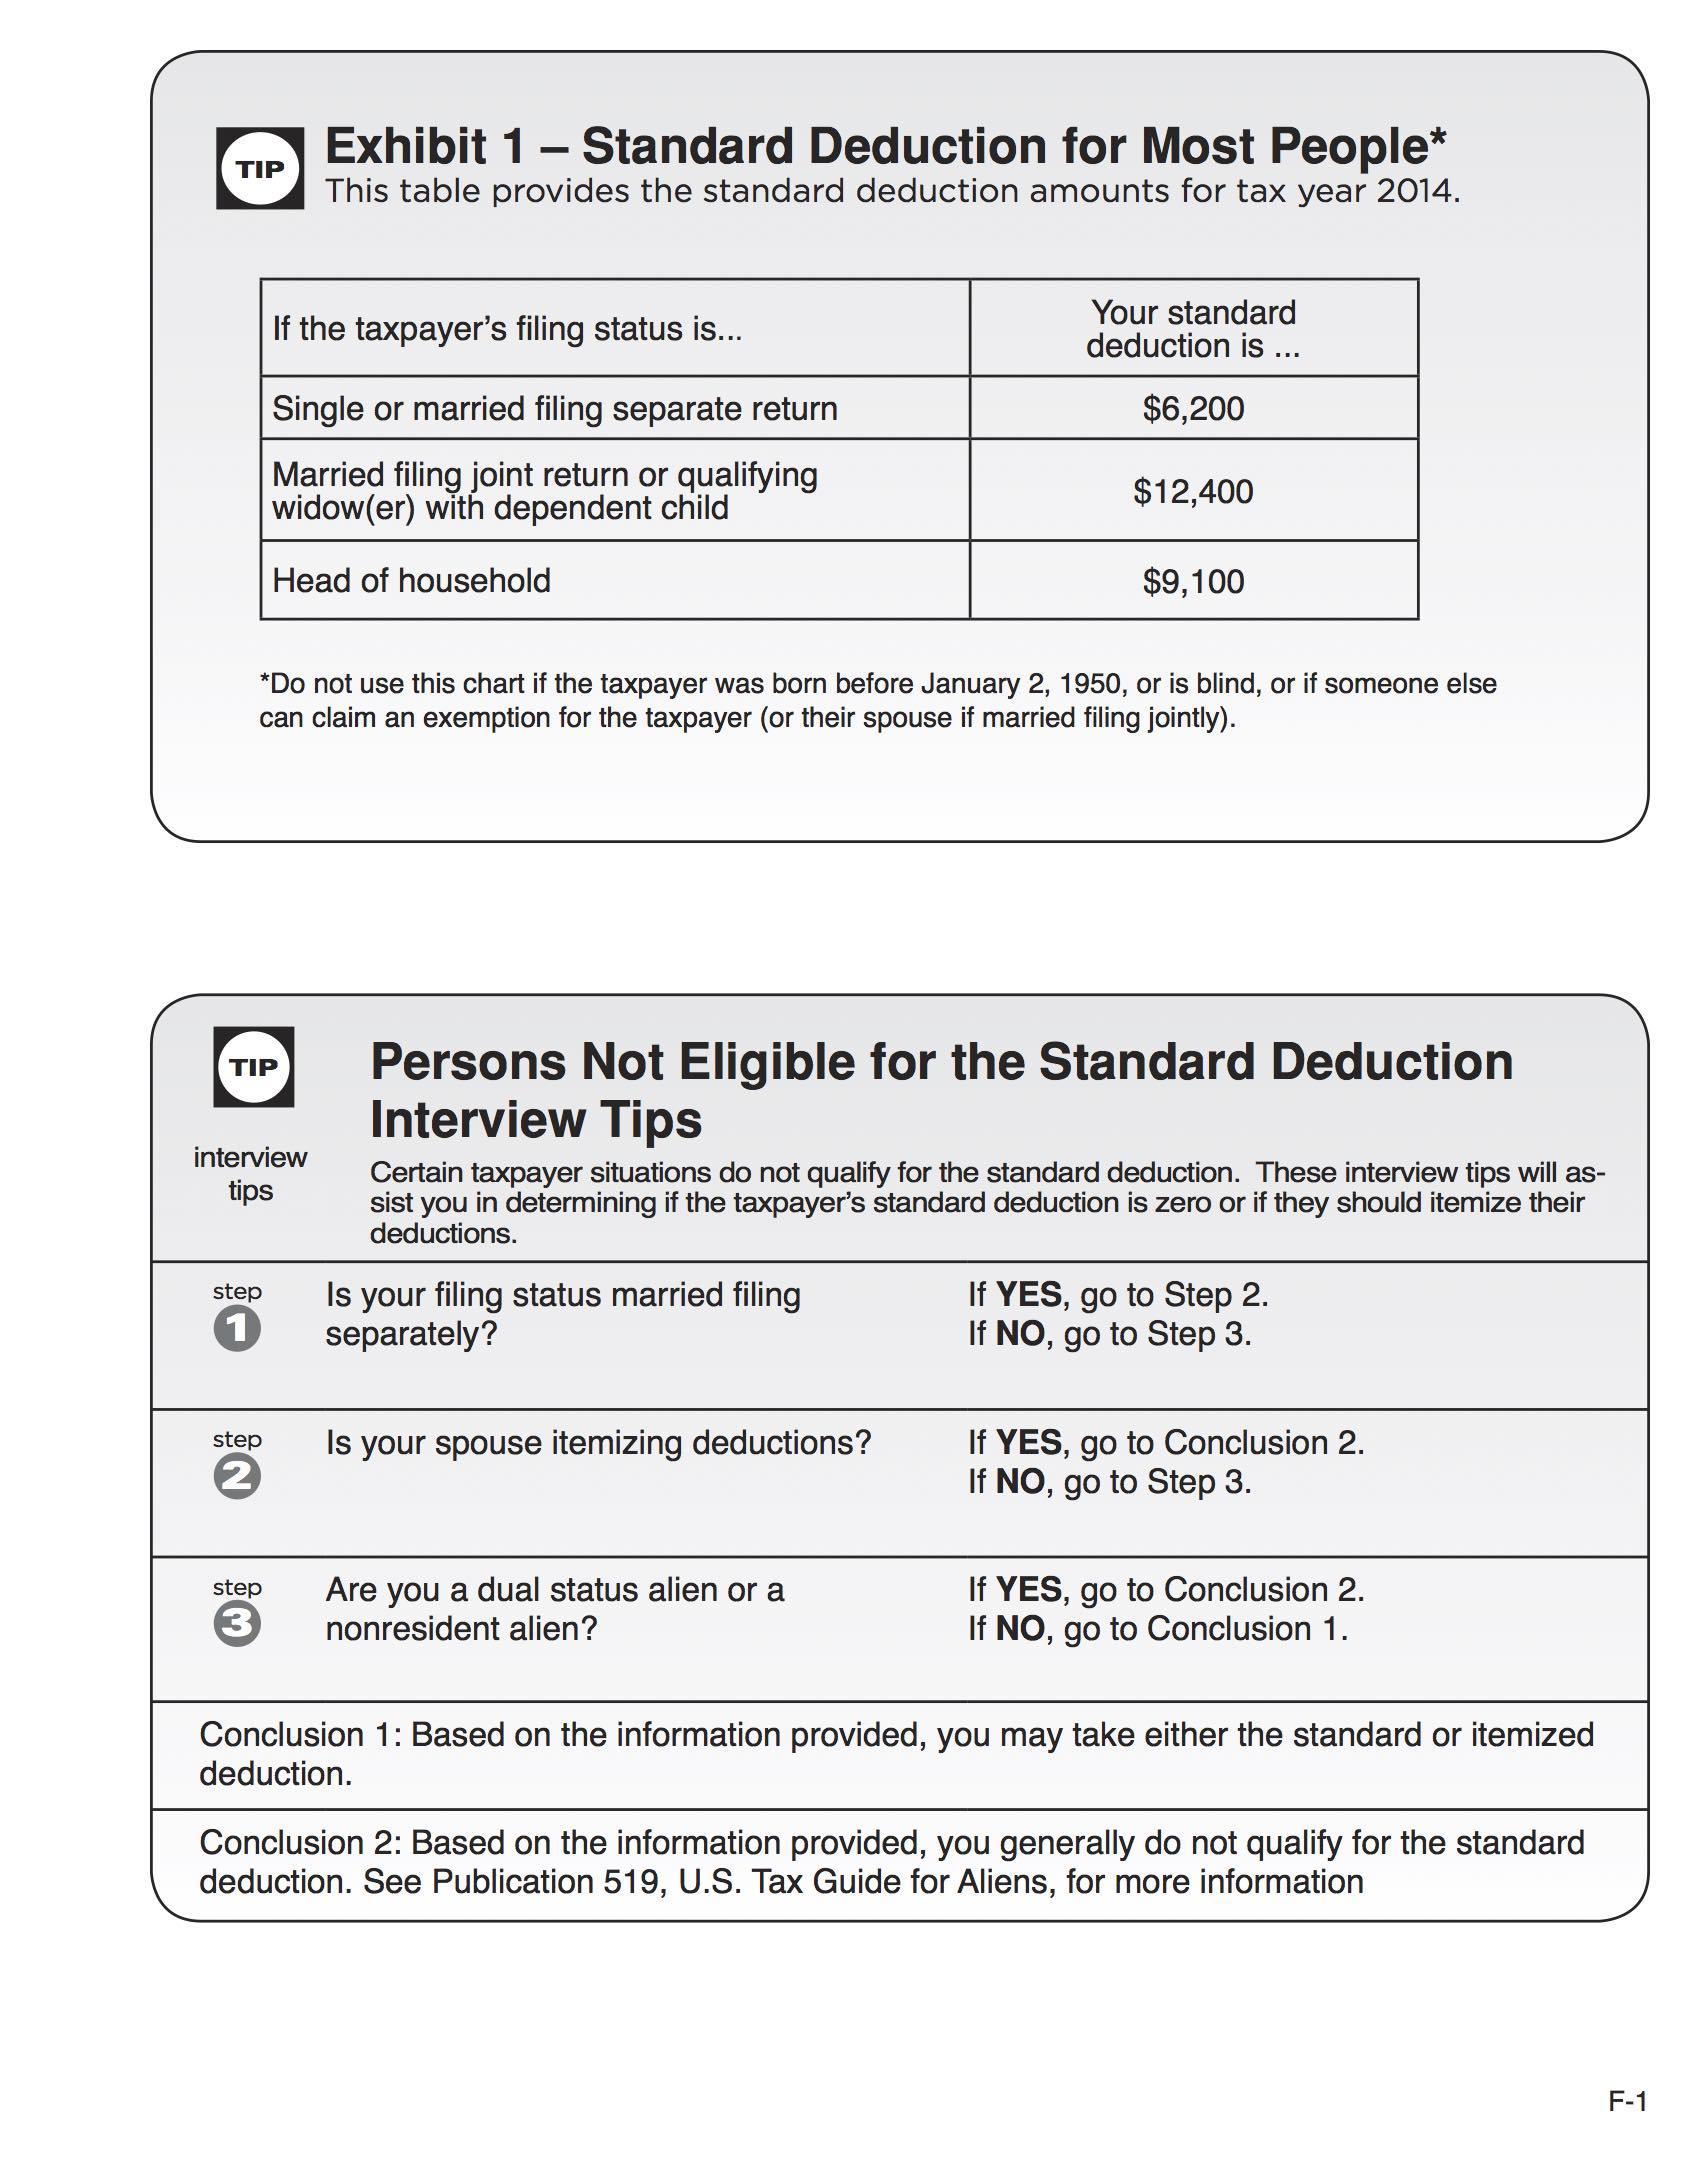 2014个税起征点多少_美国个人所得税制度在哪些方面比中国先进?为什么? - 知乎